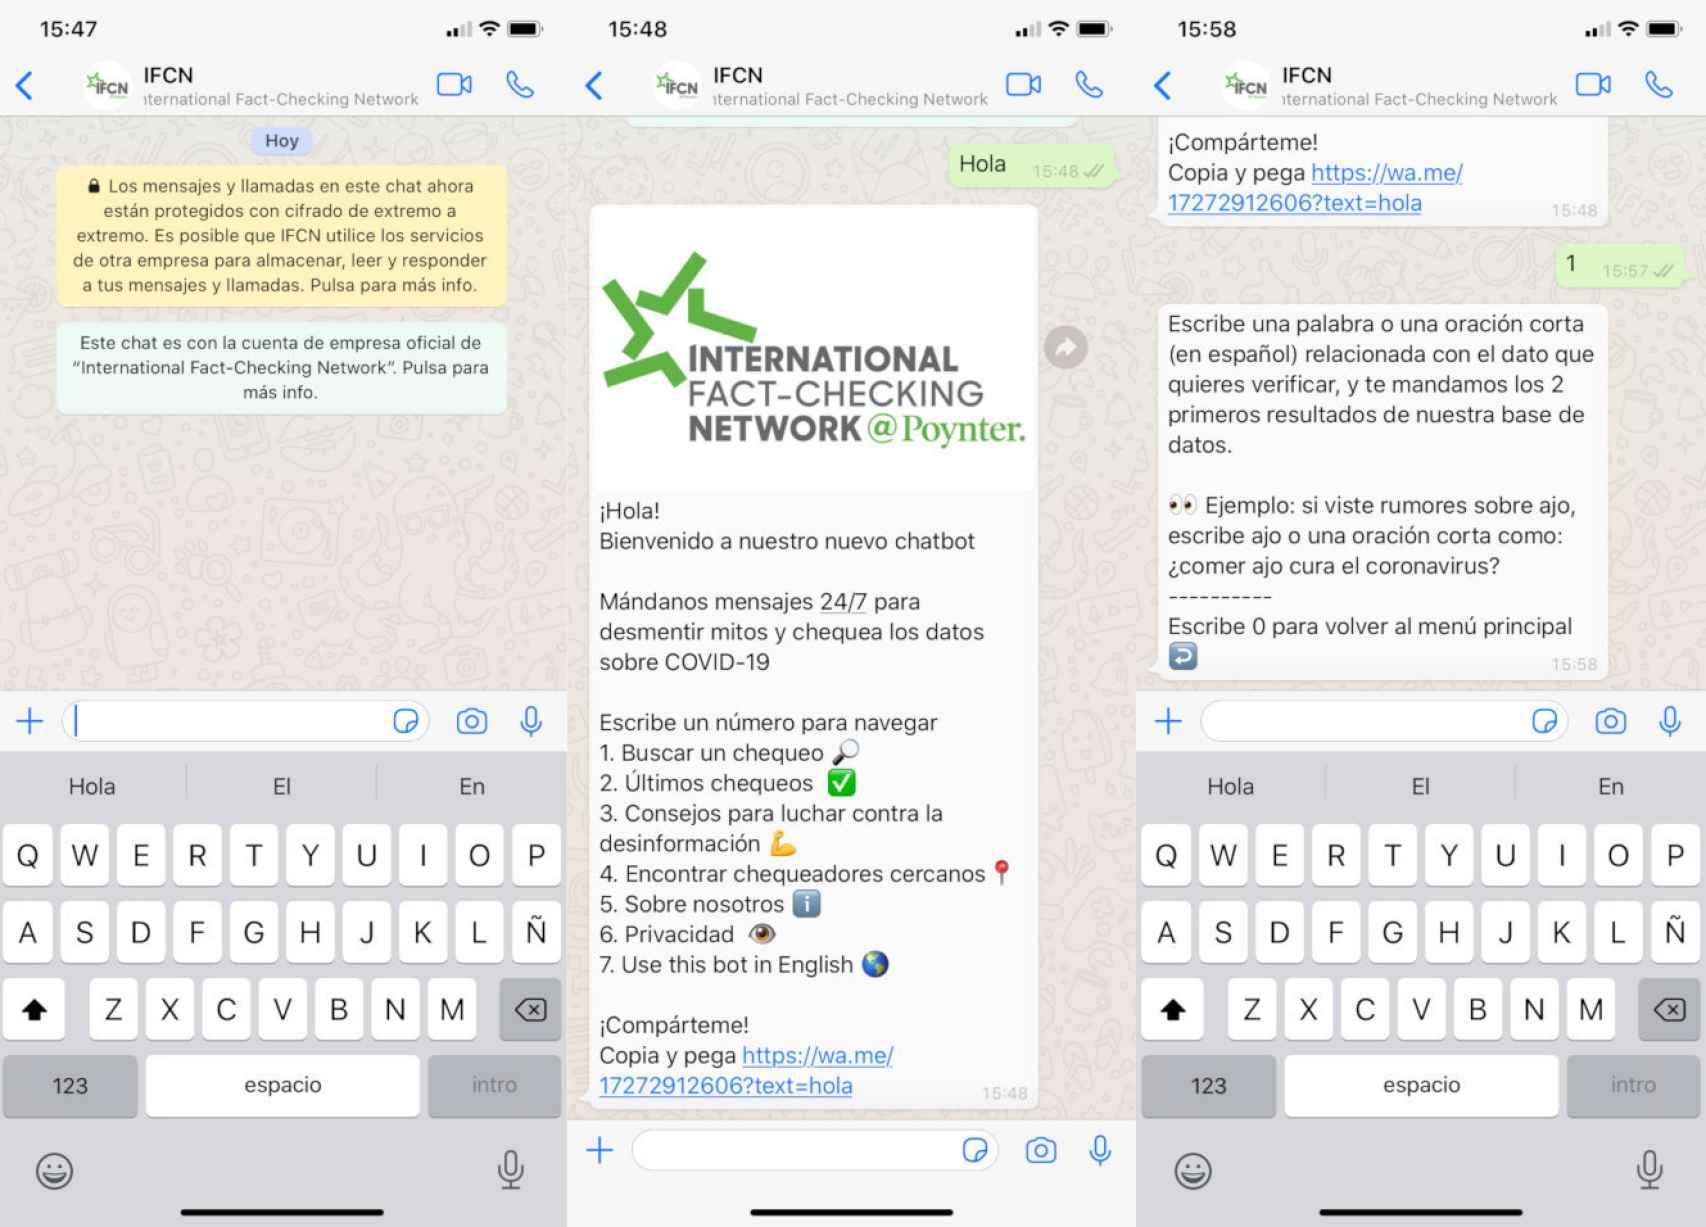 El bot de WhatsApp que busca y responde a los bulos